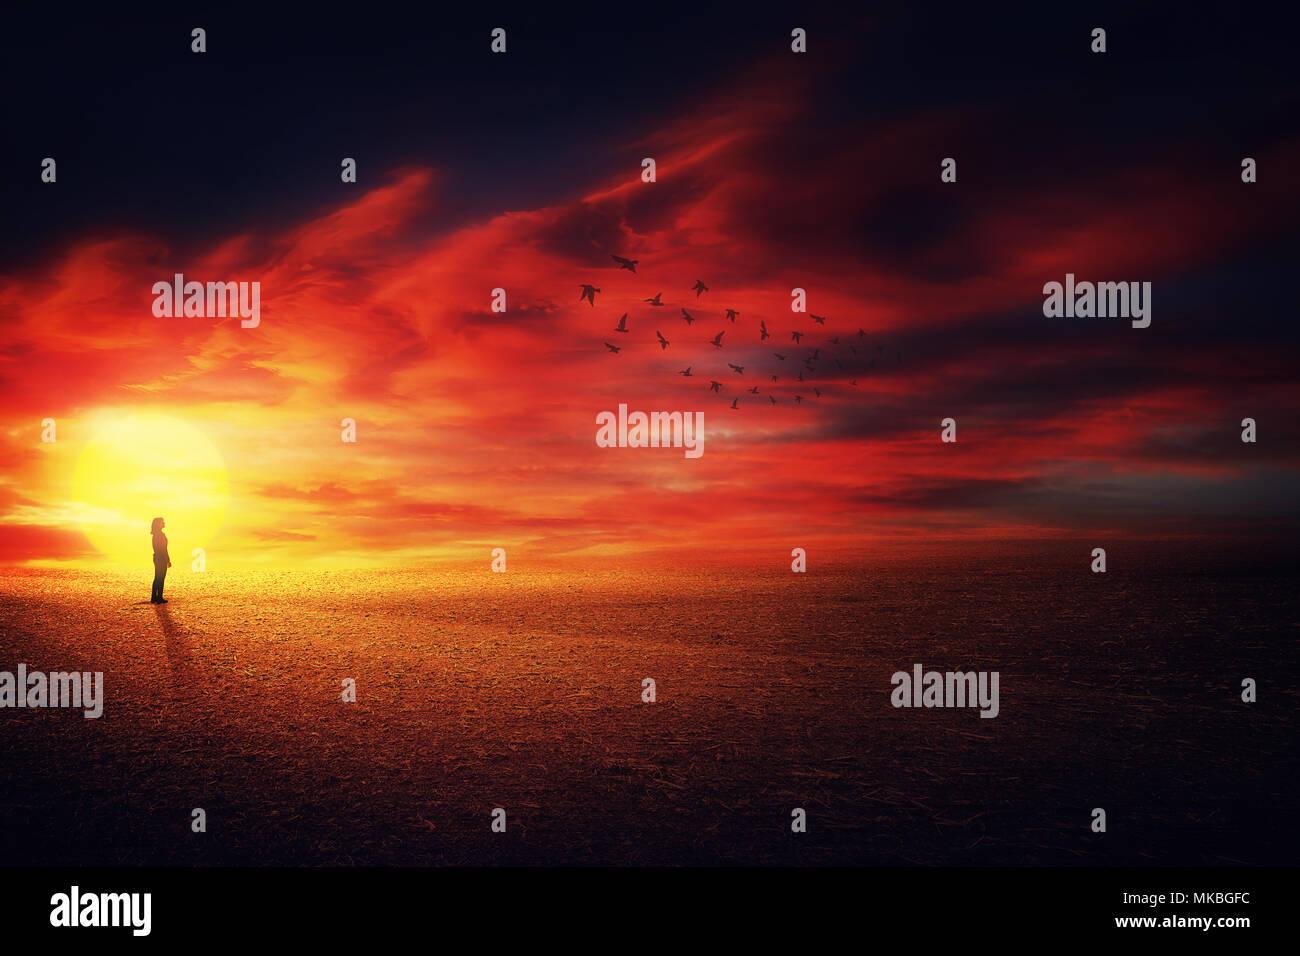 Paesaggio surreale vista come una ragazza silhouette sullo splendido sfondo del tramonto guardando a uno stormo di uccelli che vola in alto nel cielo. La vita il concetto di viaggio. Immagini Stock